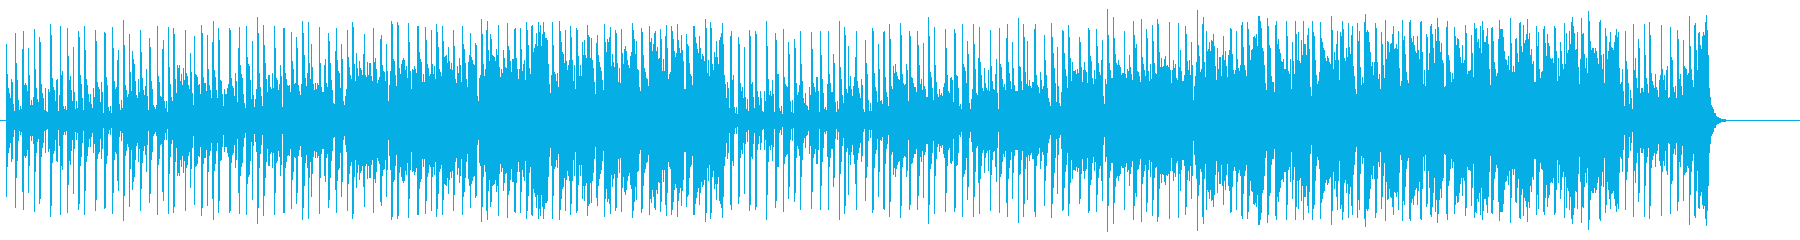 日曜の午後ののどかなポップ/BGの再生済みの波形